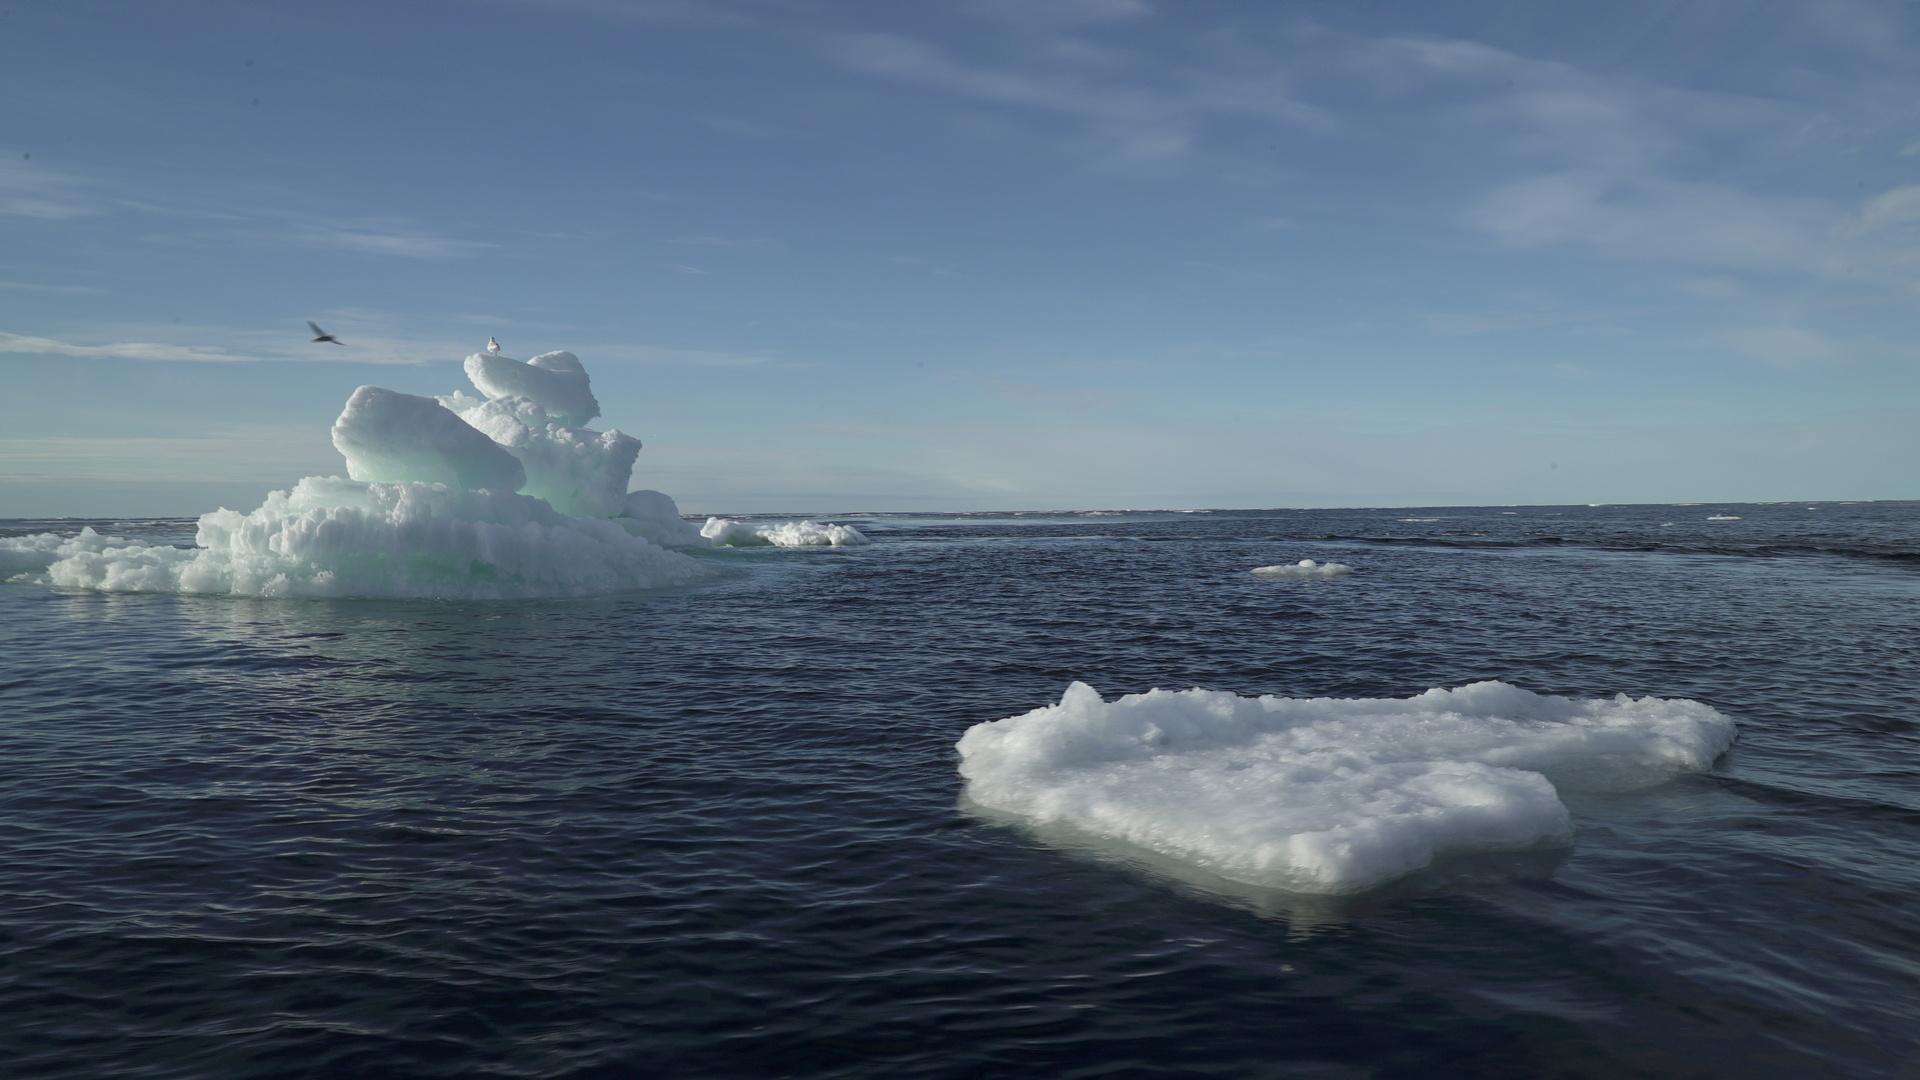 دراسة: الجليد في القطب الشمالي يذوب أسرع بمرتين